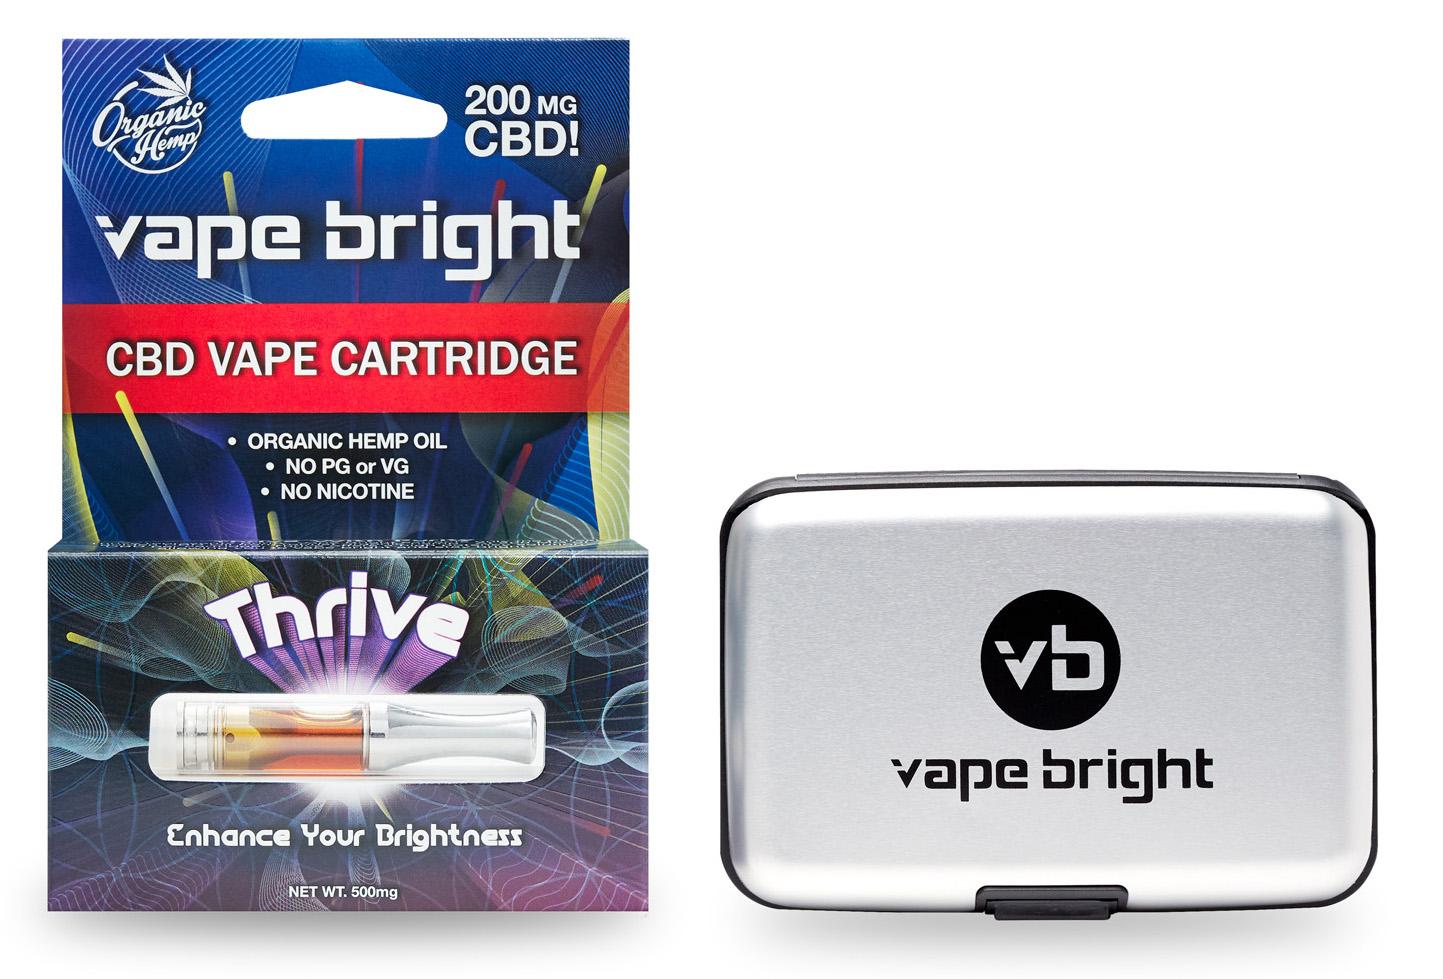 Vape Bright Affiliate Offer